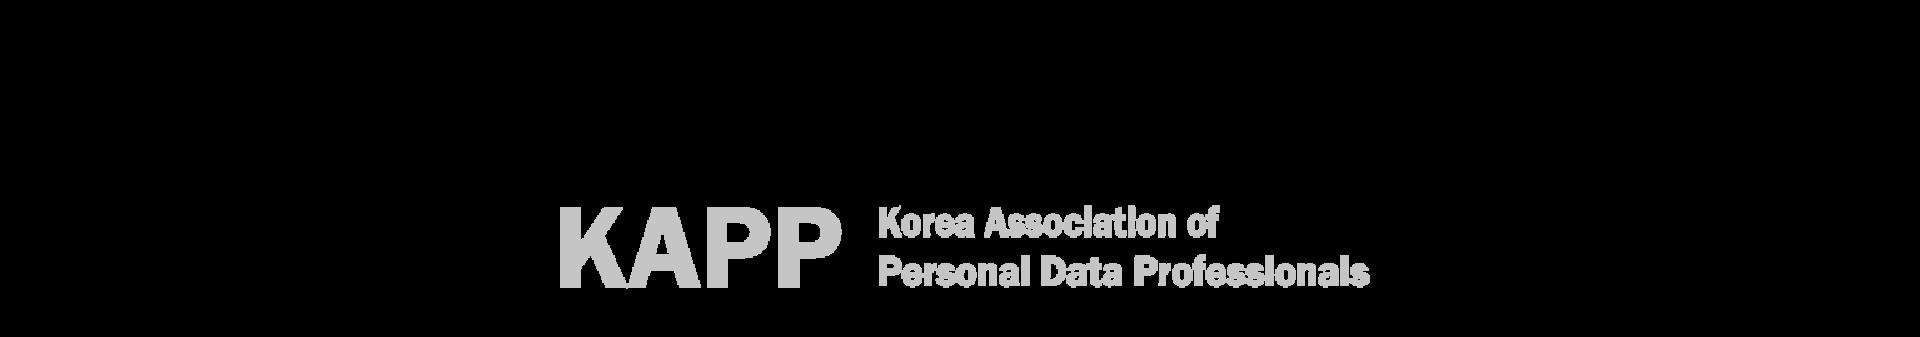 개인정보전문가협회